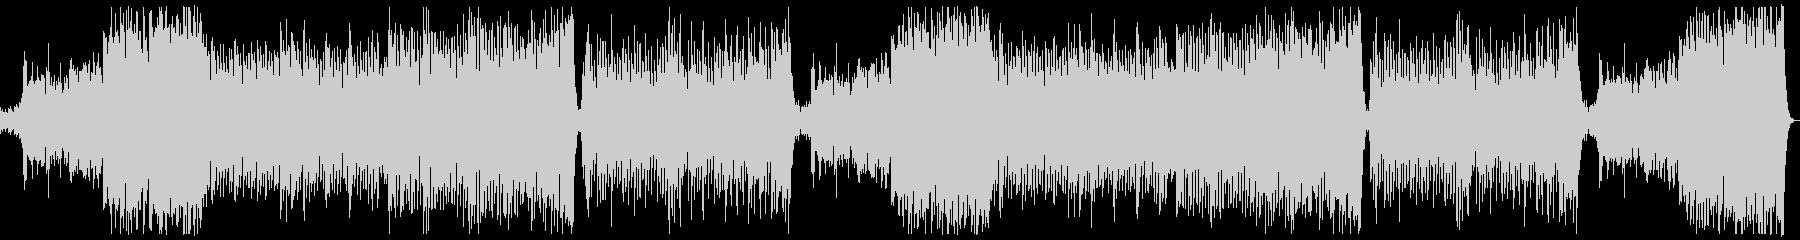 明るく華やかポップオーケストラ:フルx2の未再生の波形